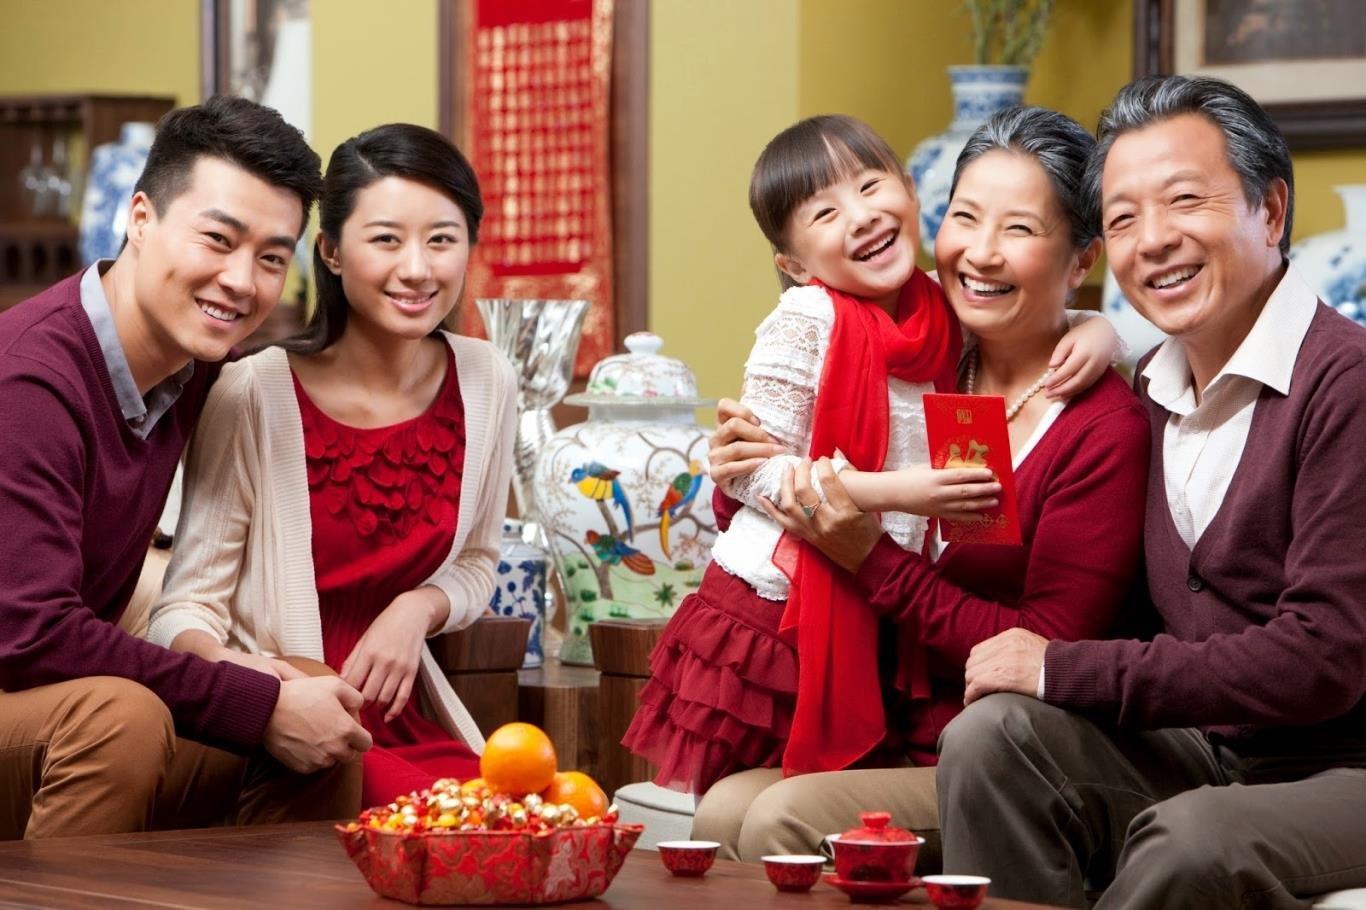 Quà tặng nước Pi – Món quà báo hiếu cha mẹ Tết Nguyên Đán